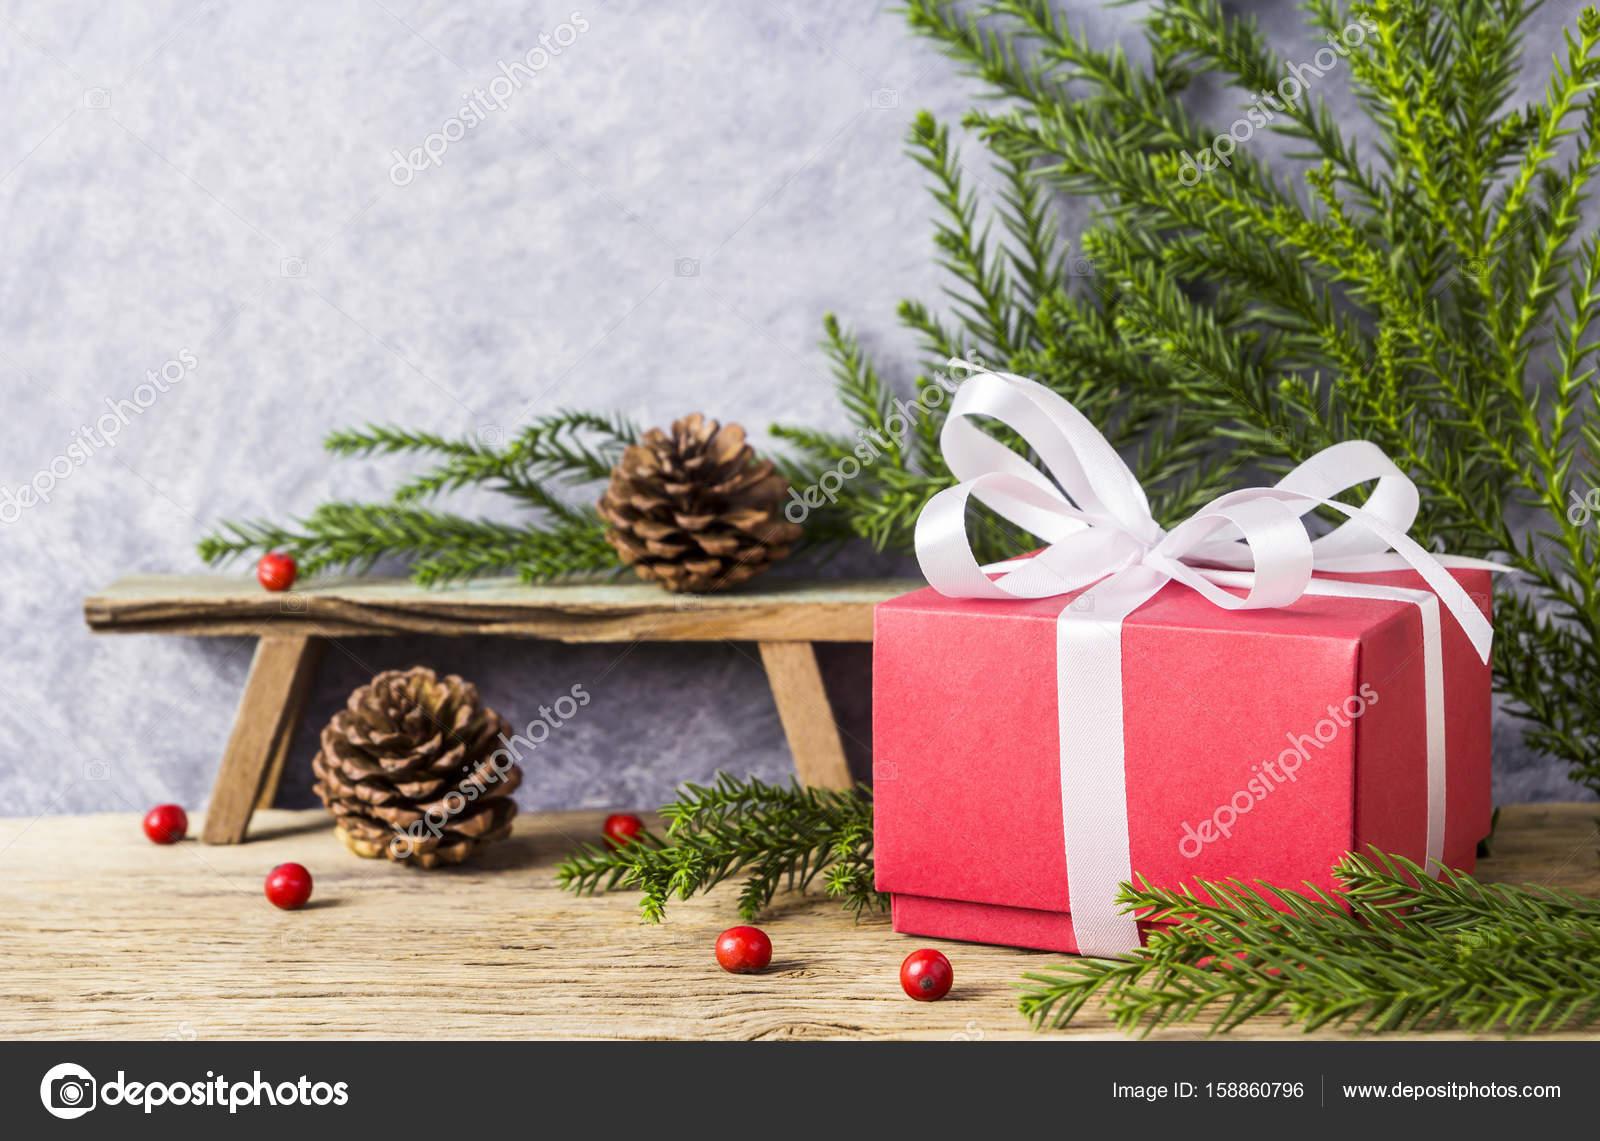 Kerstdecoraties Met Rood : Kerstdecoratie van rode geschenkdoos met wit lint en pine cone op